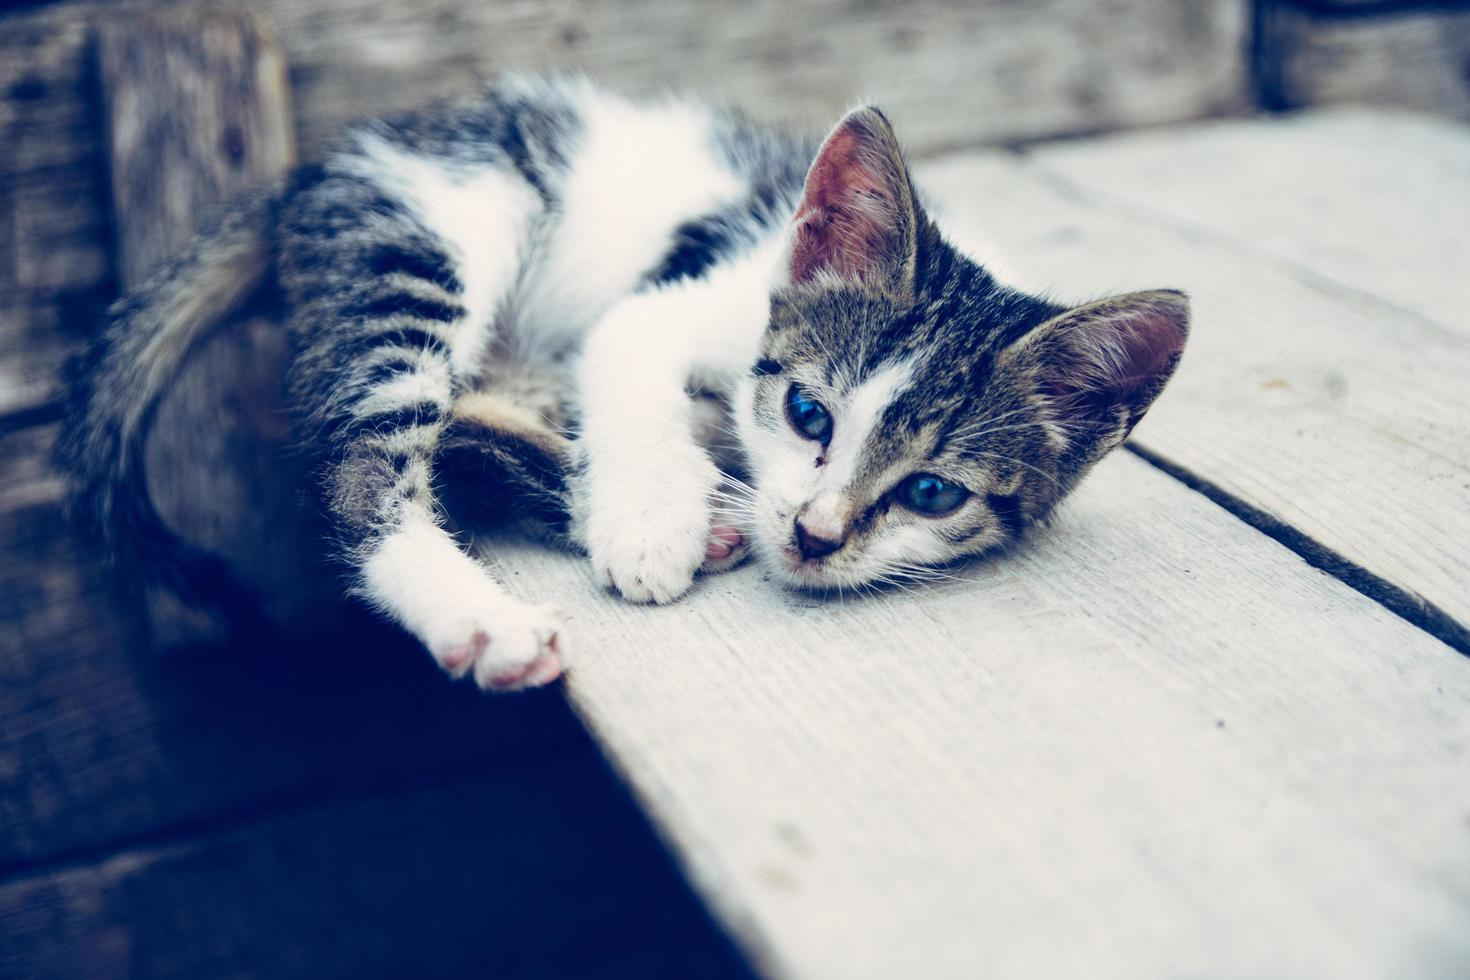 Gatito atigrado blanco y negro acostado sobre la superficie de madera marrón foto